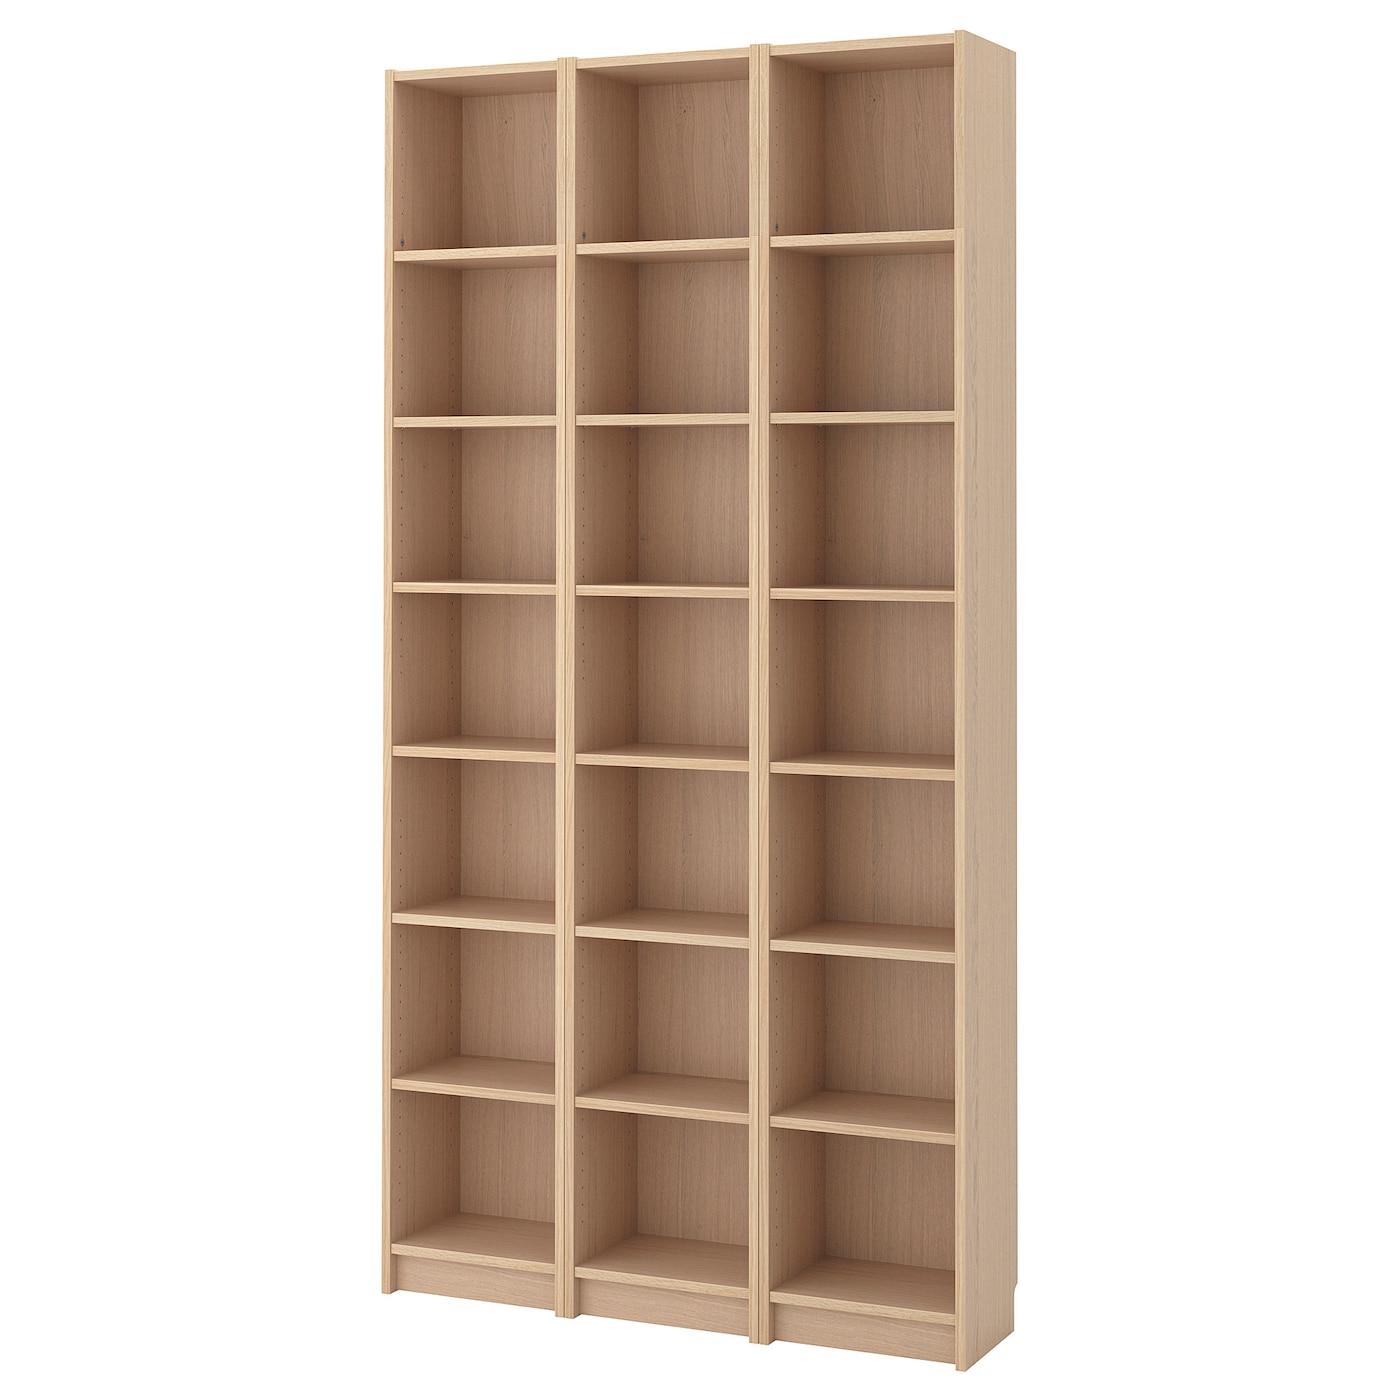 https://www.ikea.com/be/nl/images/products/billy-boekenkast-wit-gelazuurd-eikenfineer__0606005_pe681961_s5.jpg